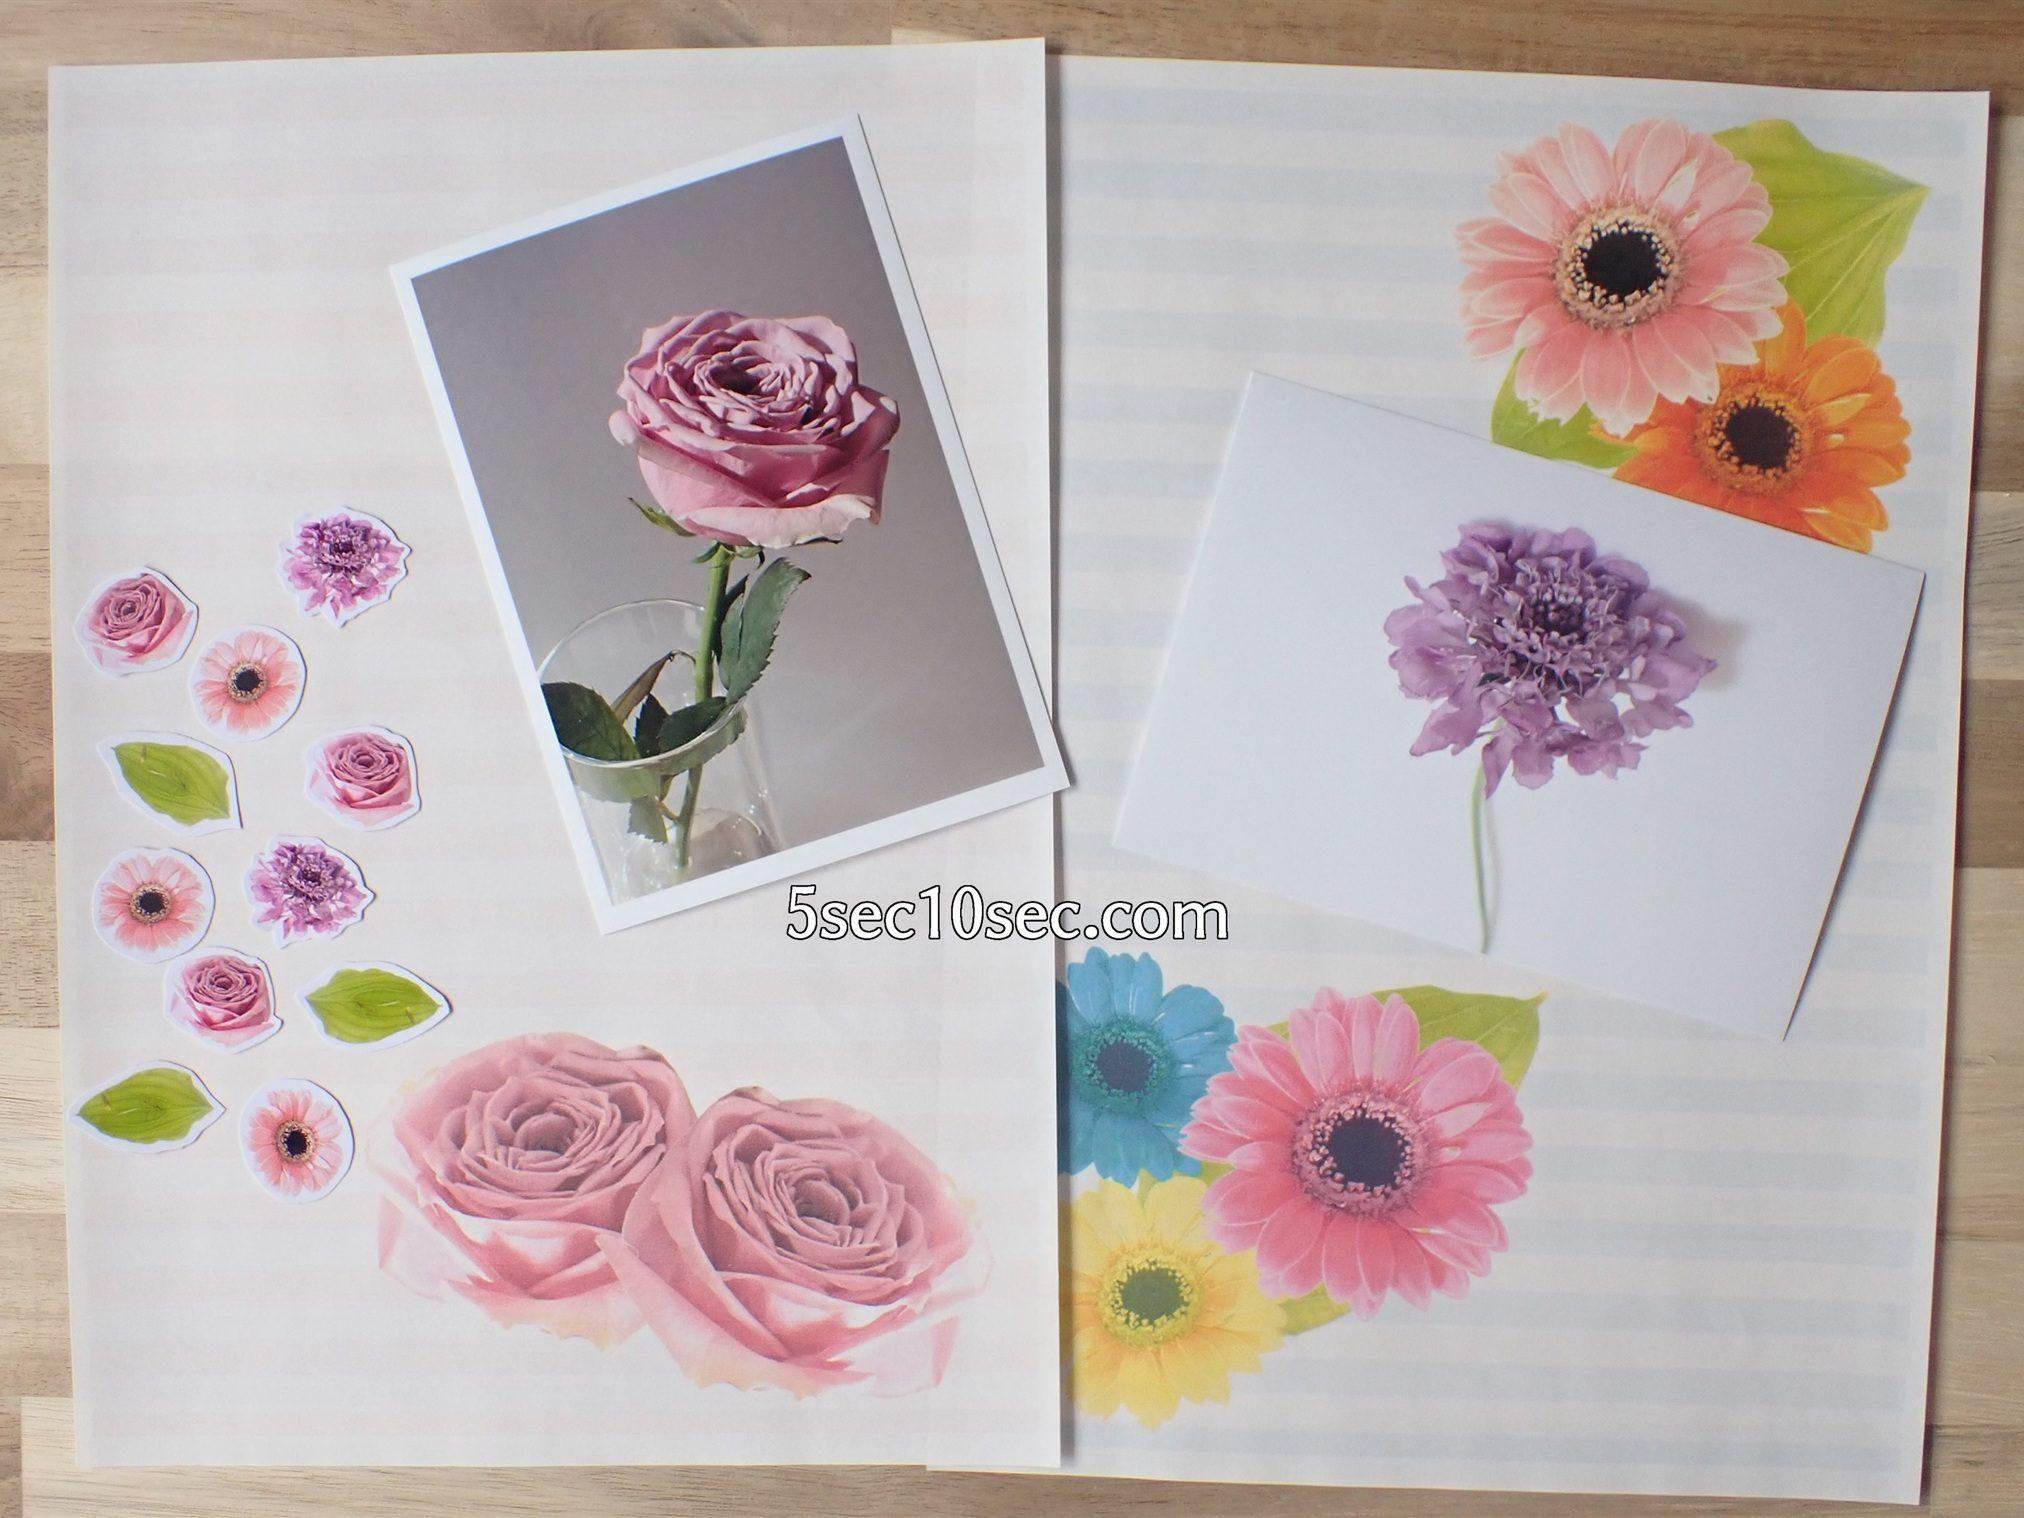 株式会社Crunch Style お花の定期便 Bloomee LIFE ブルーミーライフ レギュラープラン 生花、切り花をずっと楽しむ方法